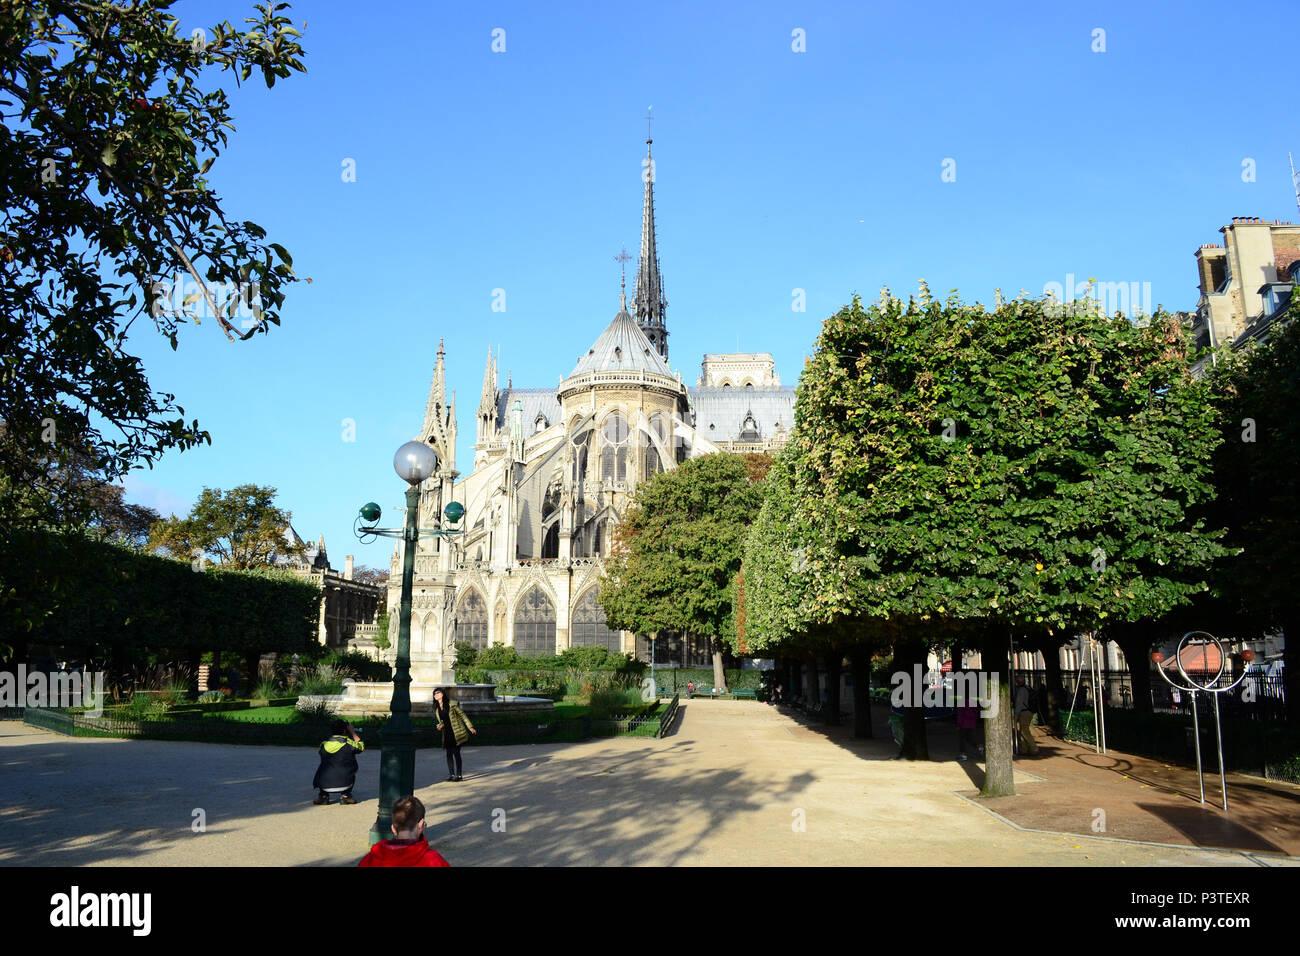 PARIS, FRANÇA - 17.10.2013: París - Praça Jean XXIII, localizada atrás da Catedral de Notre Dame. (Foto: Fontana / Fotoarena) Foto de stock